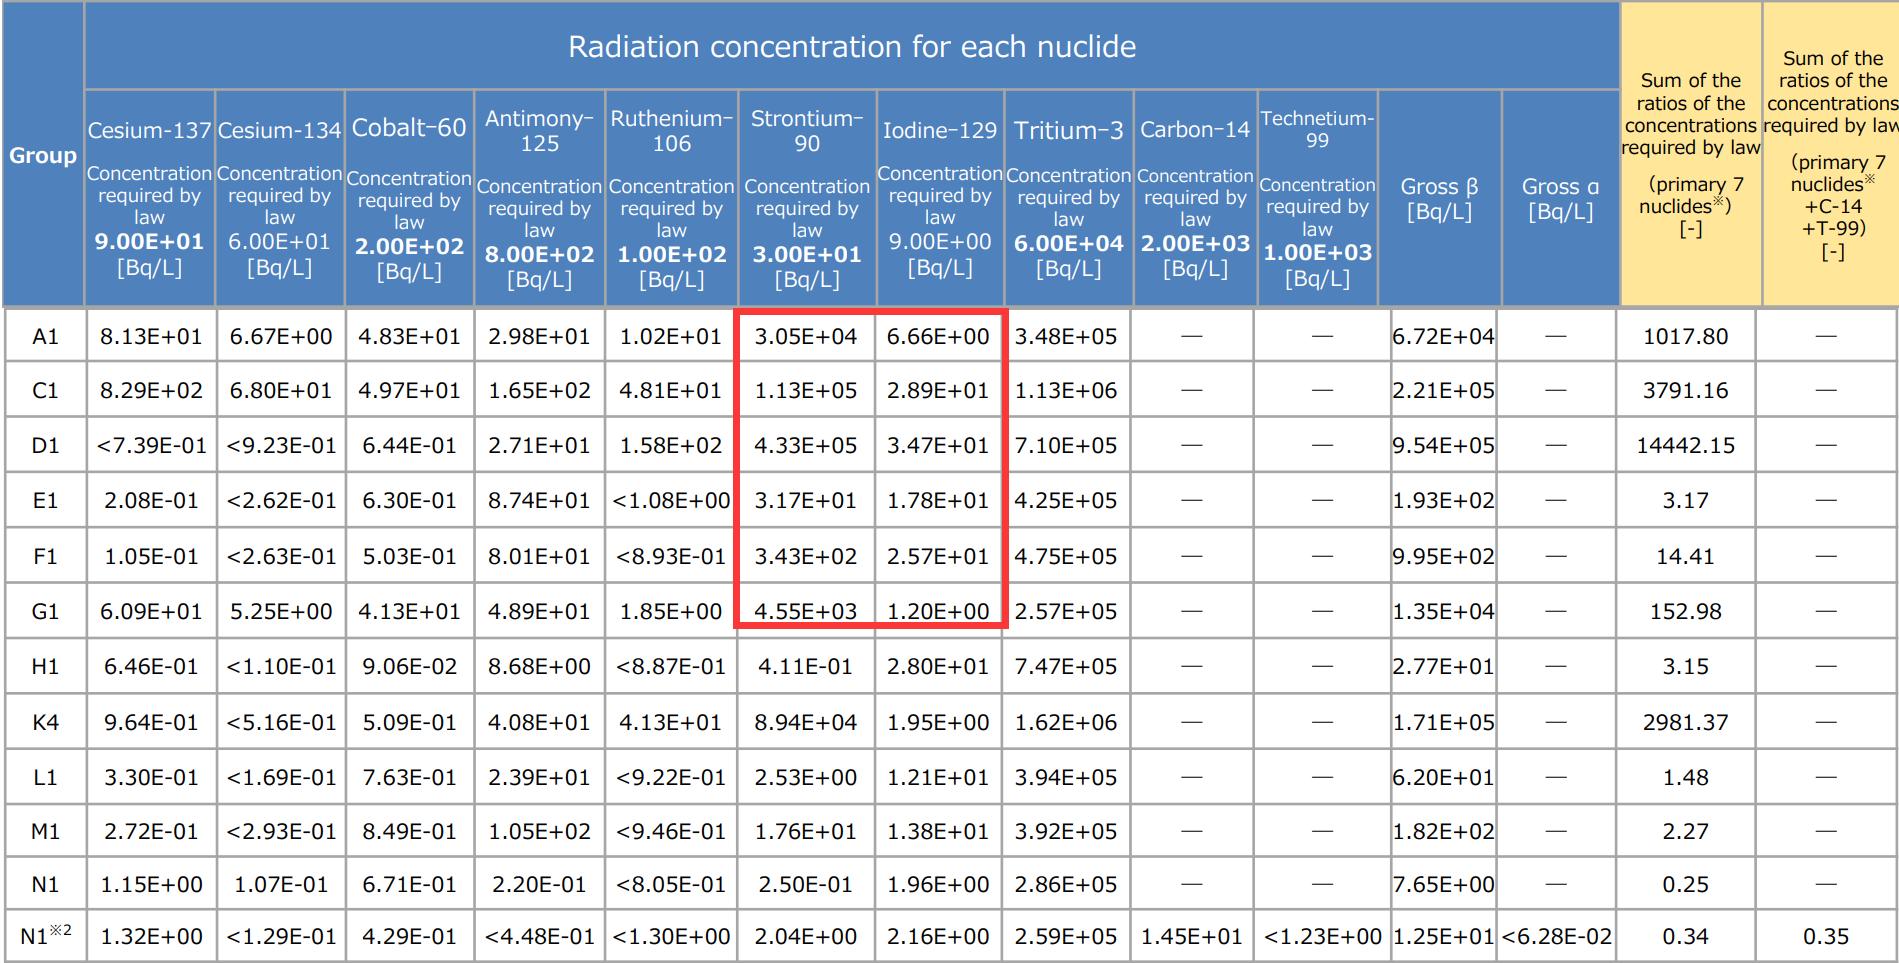 东电的数据,纳入监测范围的10项放射元素,在处理之后某些容器仍然超标,比如J1-A1,Strontium-90超标上千倍